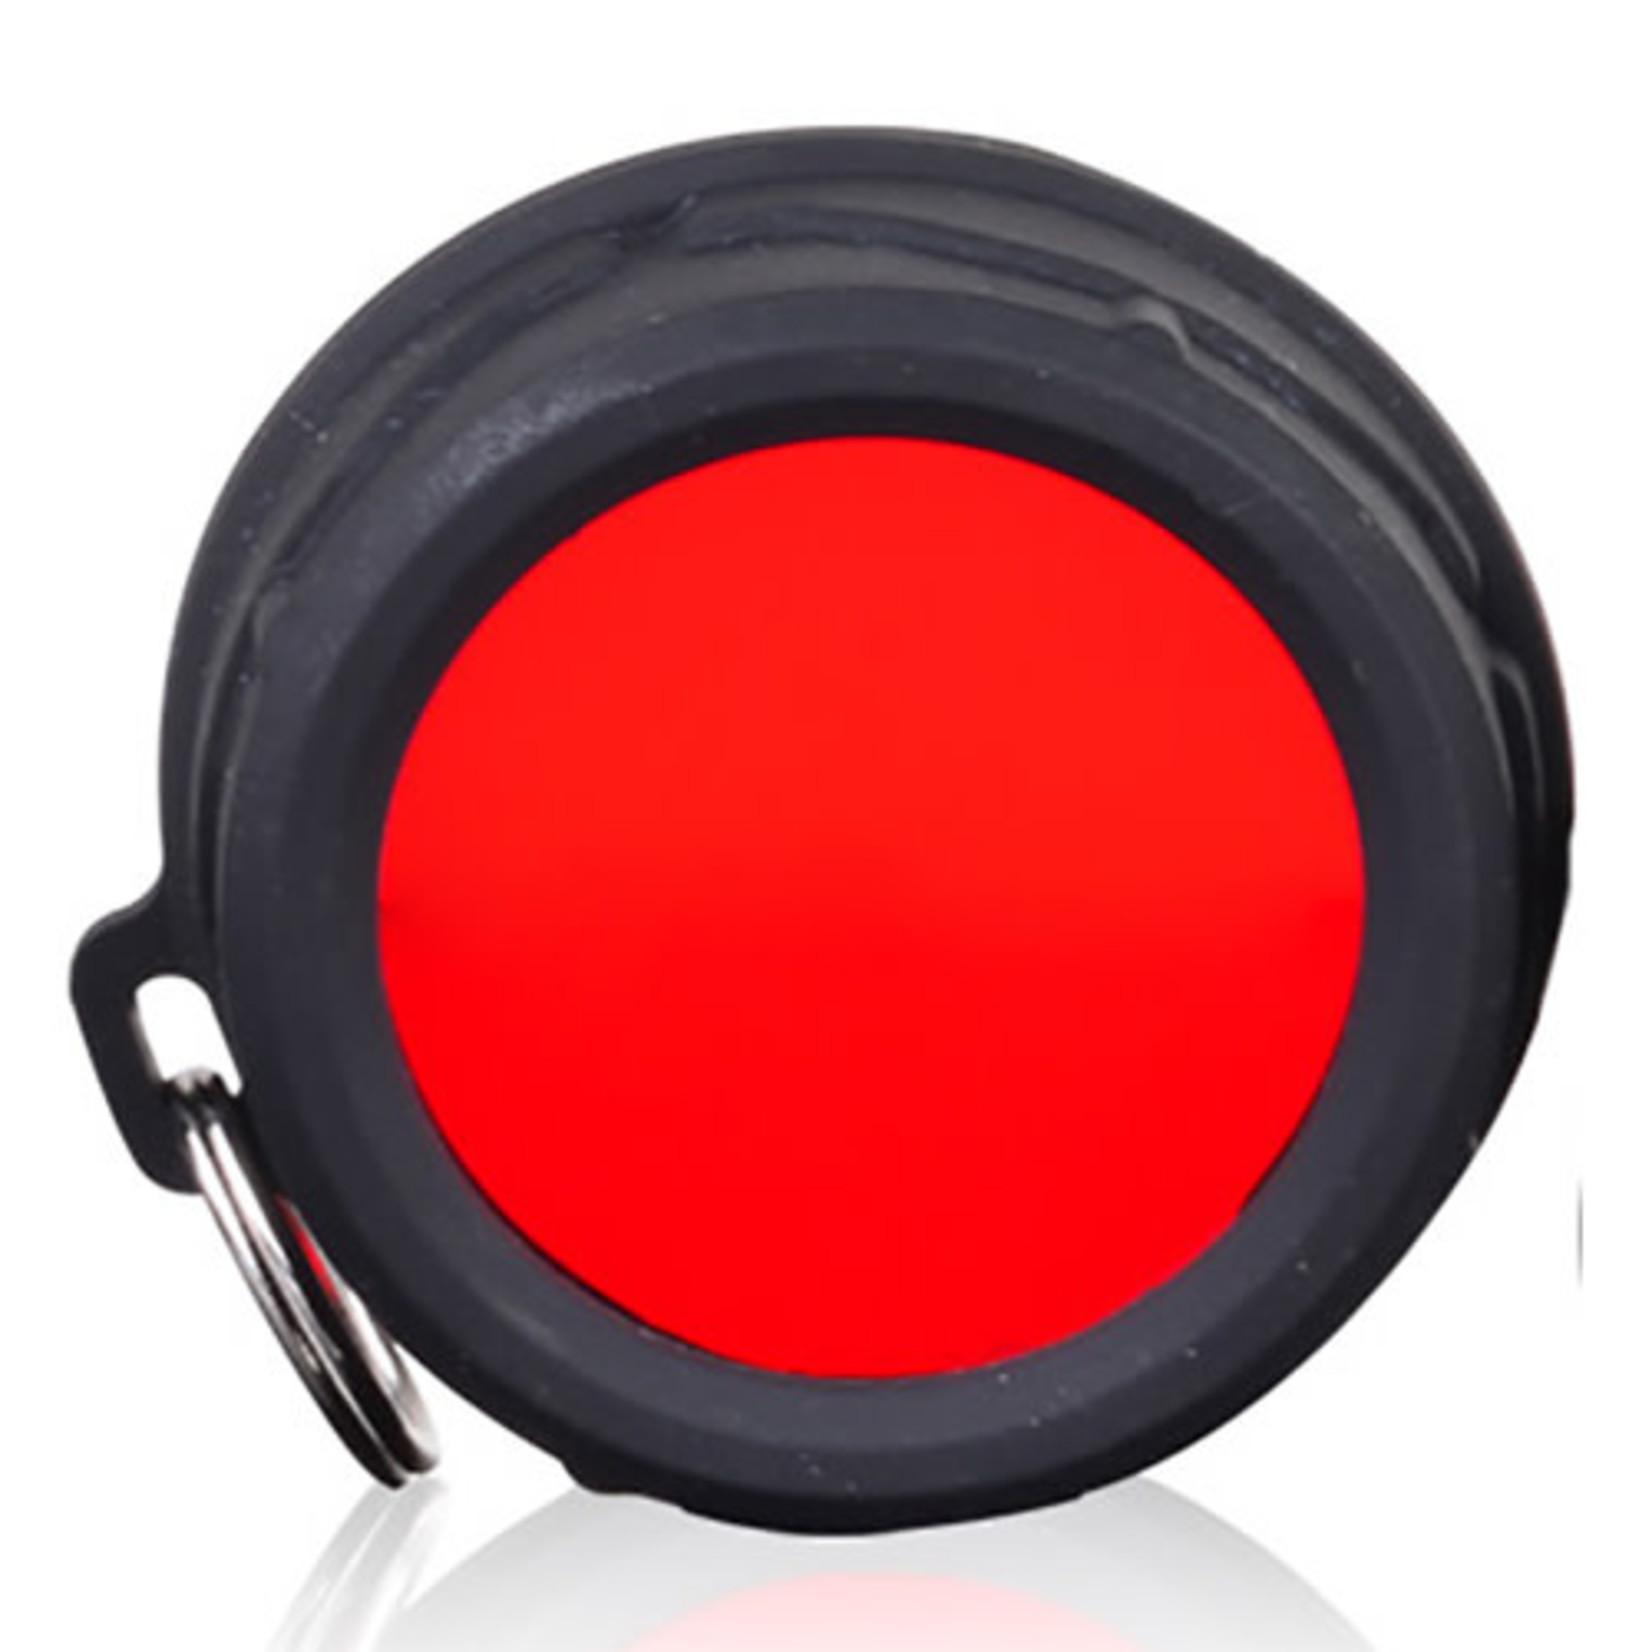 Klarus Klarus FT11 Red Filter